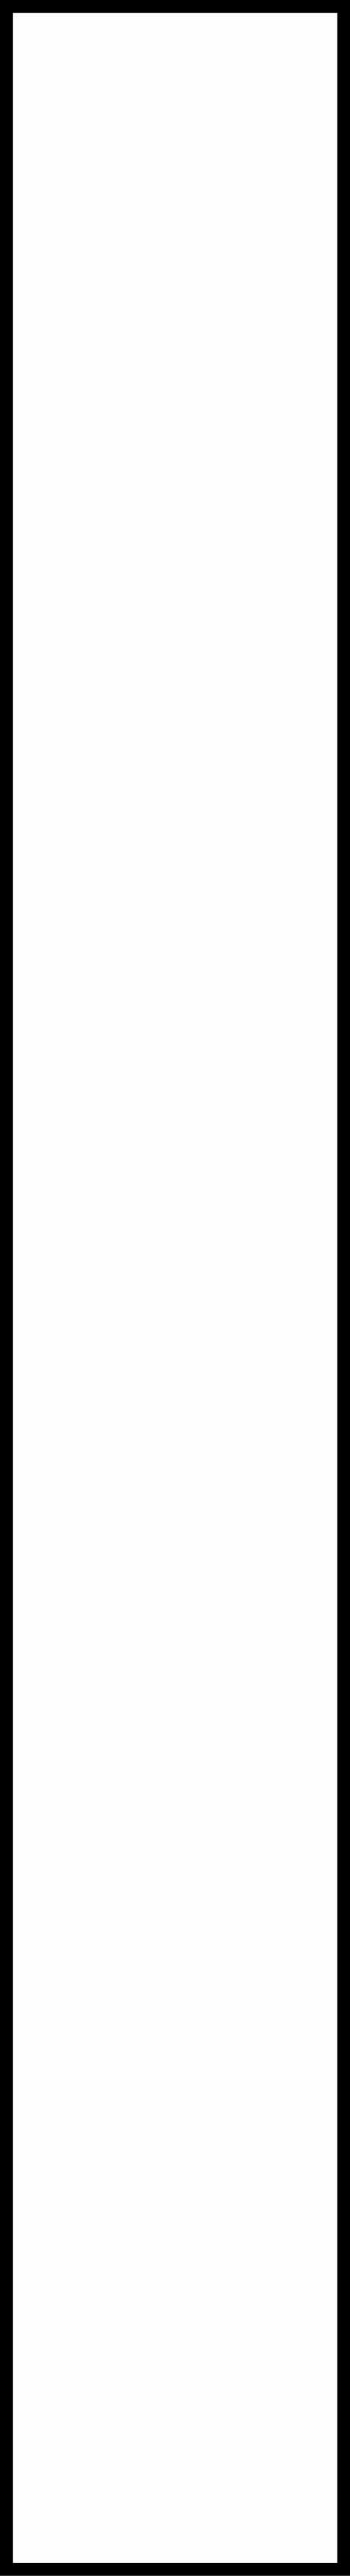 Letra i - maiúscula para imprimir